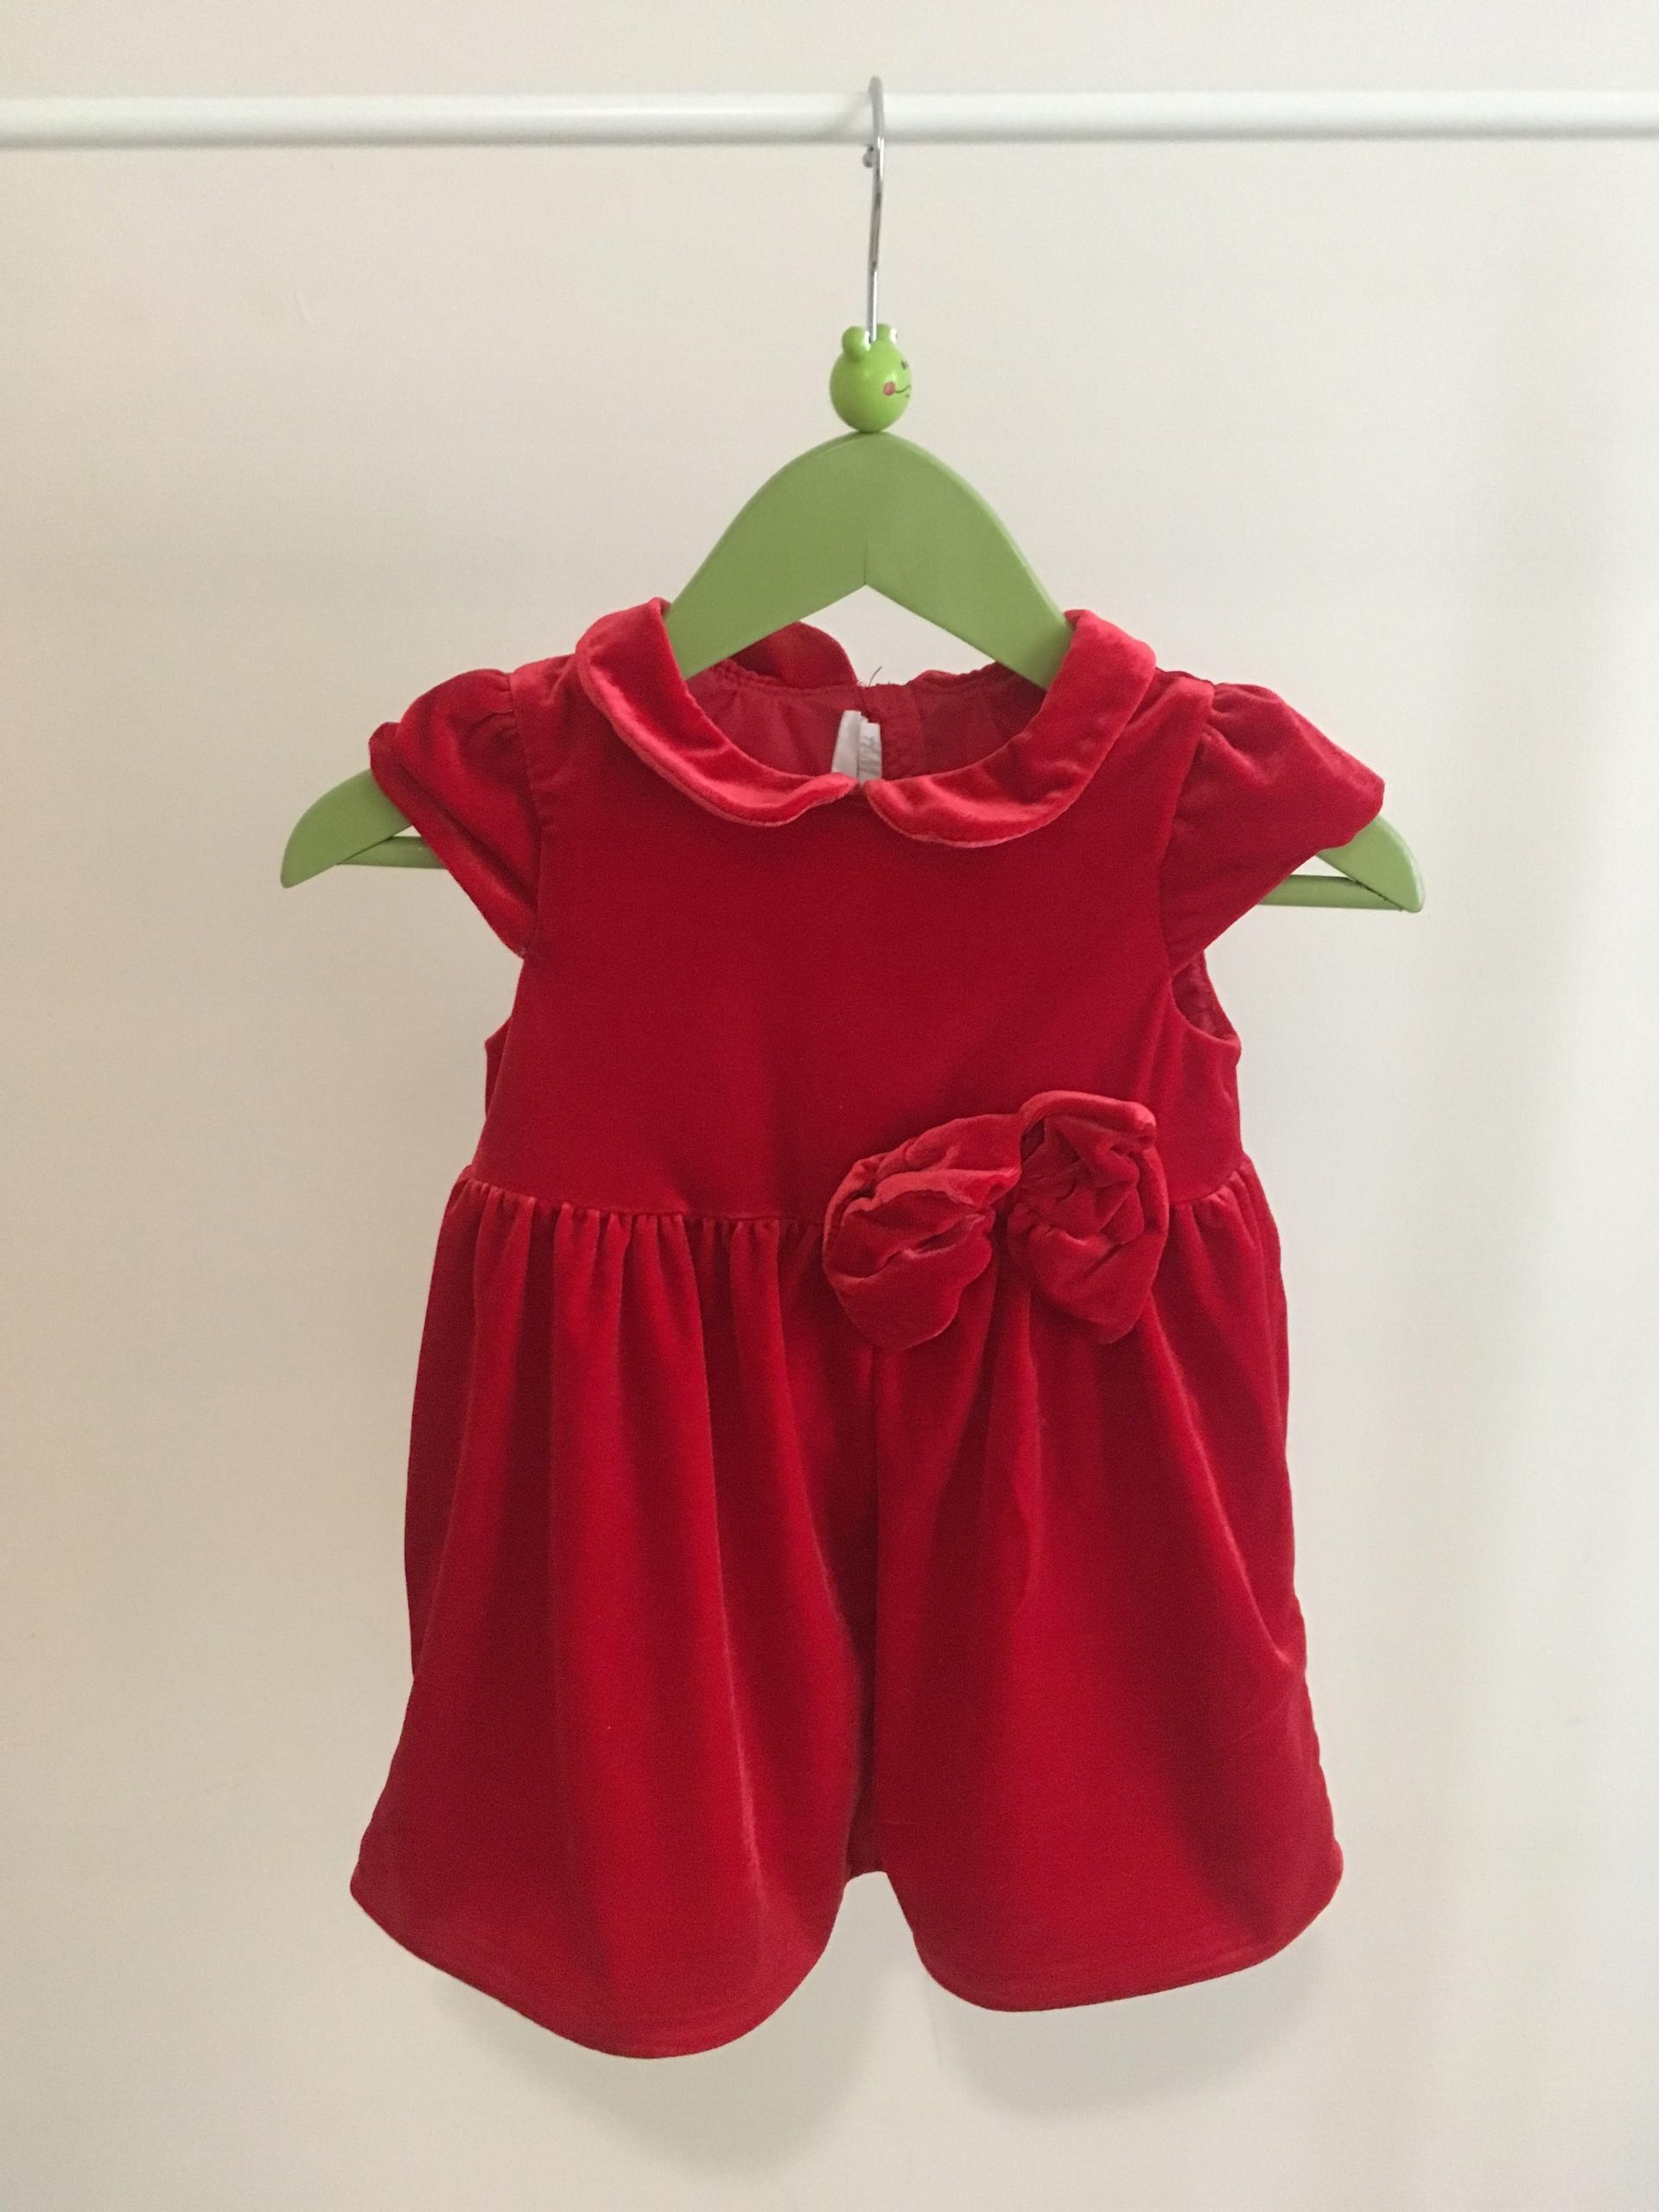 52da7c173a Sukienka dla dziewczynki 110 104 98 92 86 czerwona.  Czerwona sukienka  H amp M Rozmiar  ...